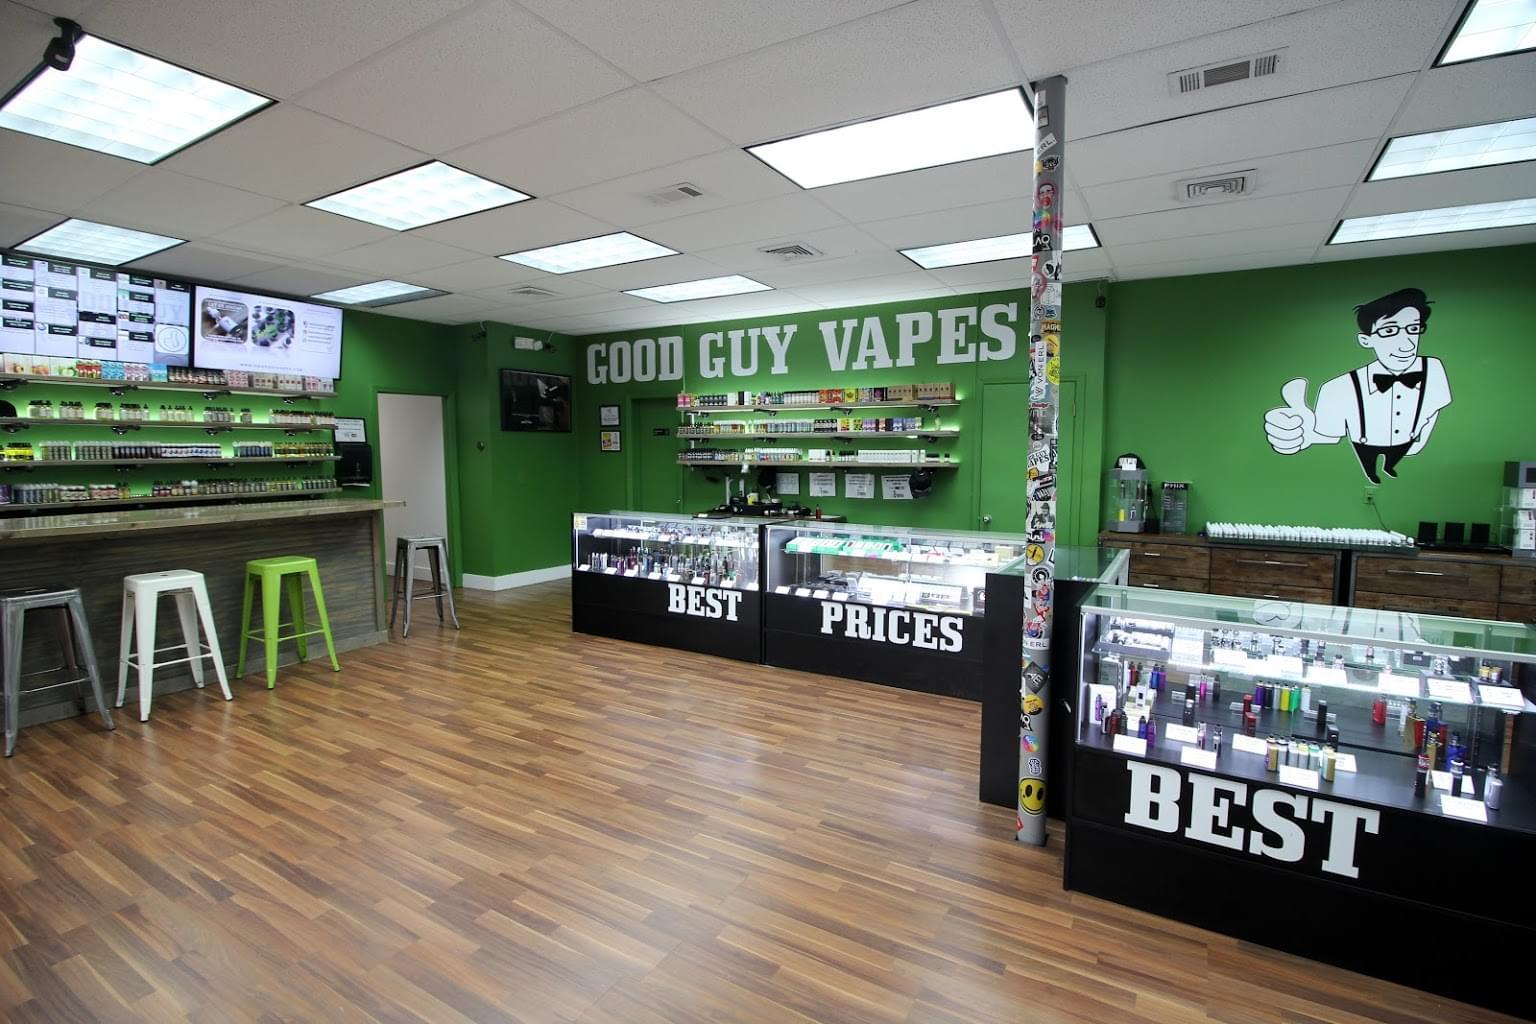 Good Guy Vapes - Clifton, NJ - See-Inside Vaporizer Store